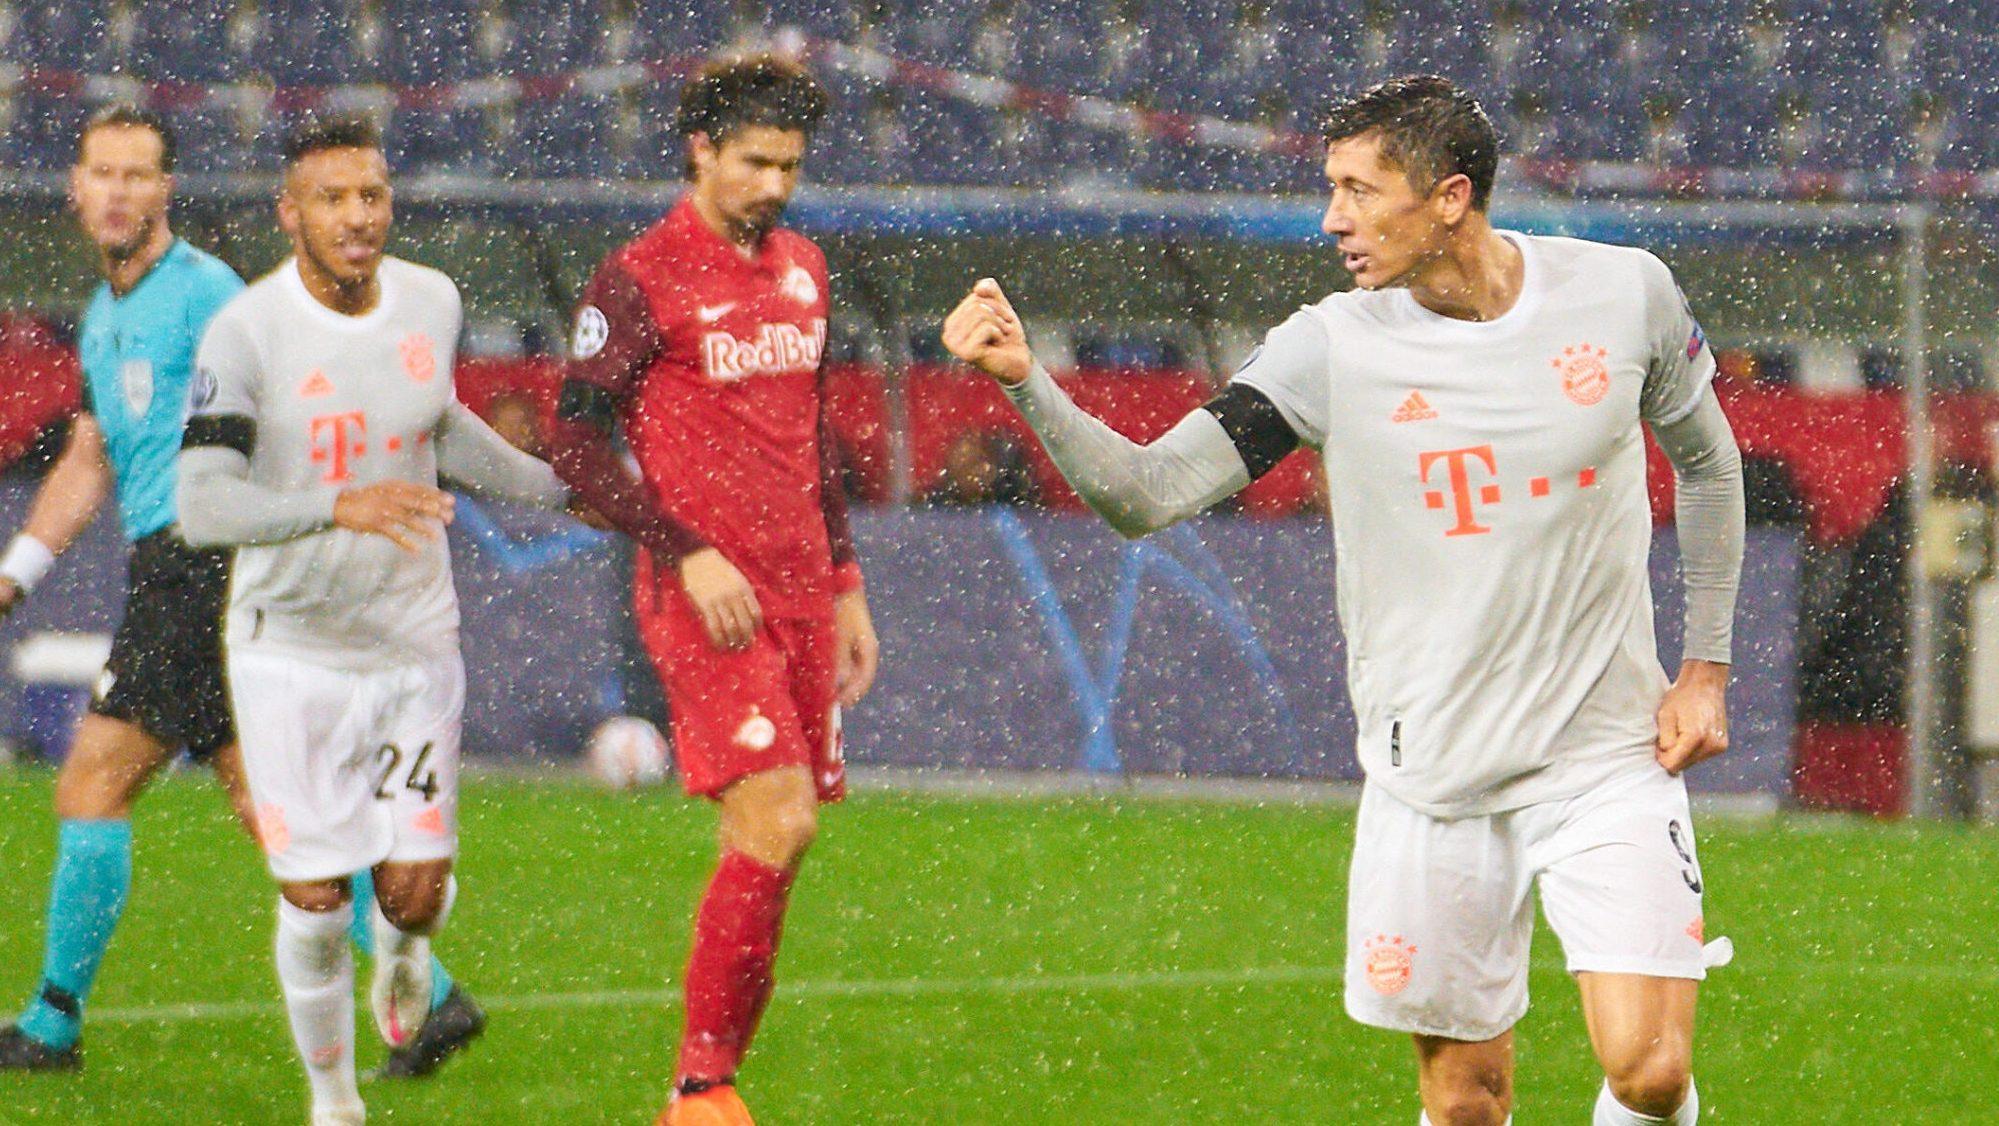 VIDEO) El Bayern Múnich sufrió pero terminó ganando por goleada | ECUAGOL